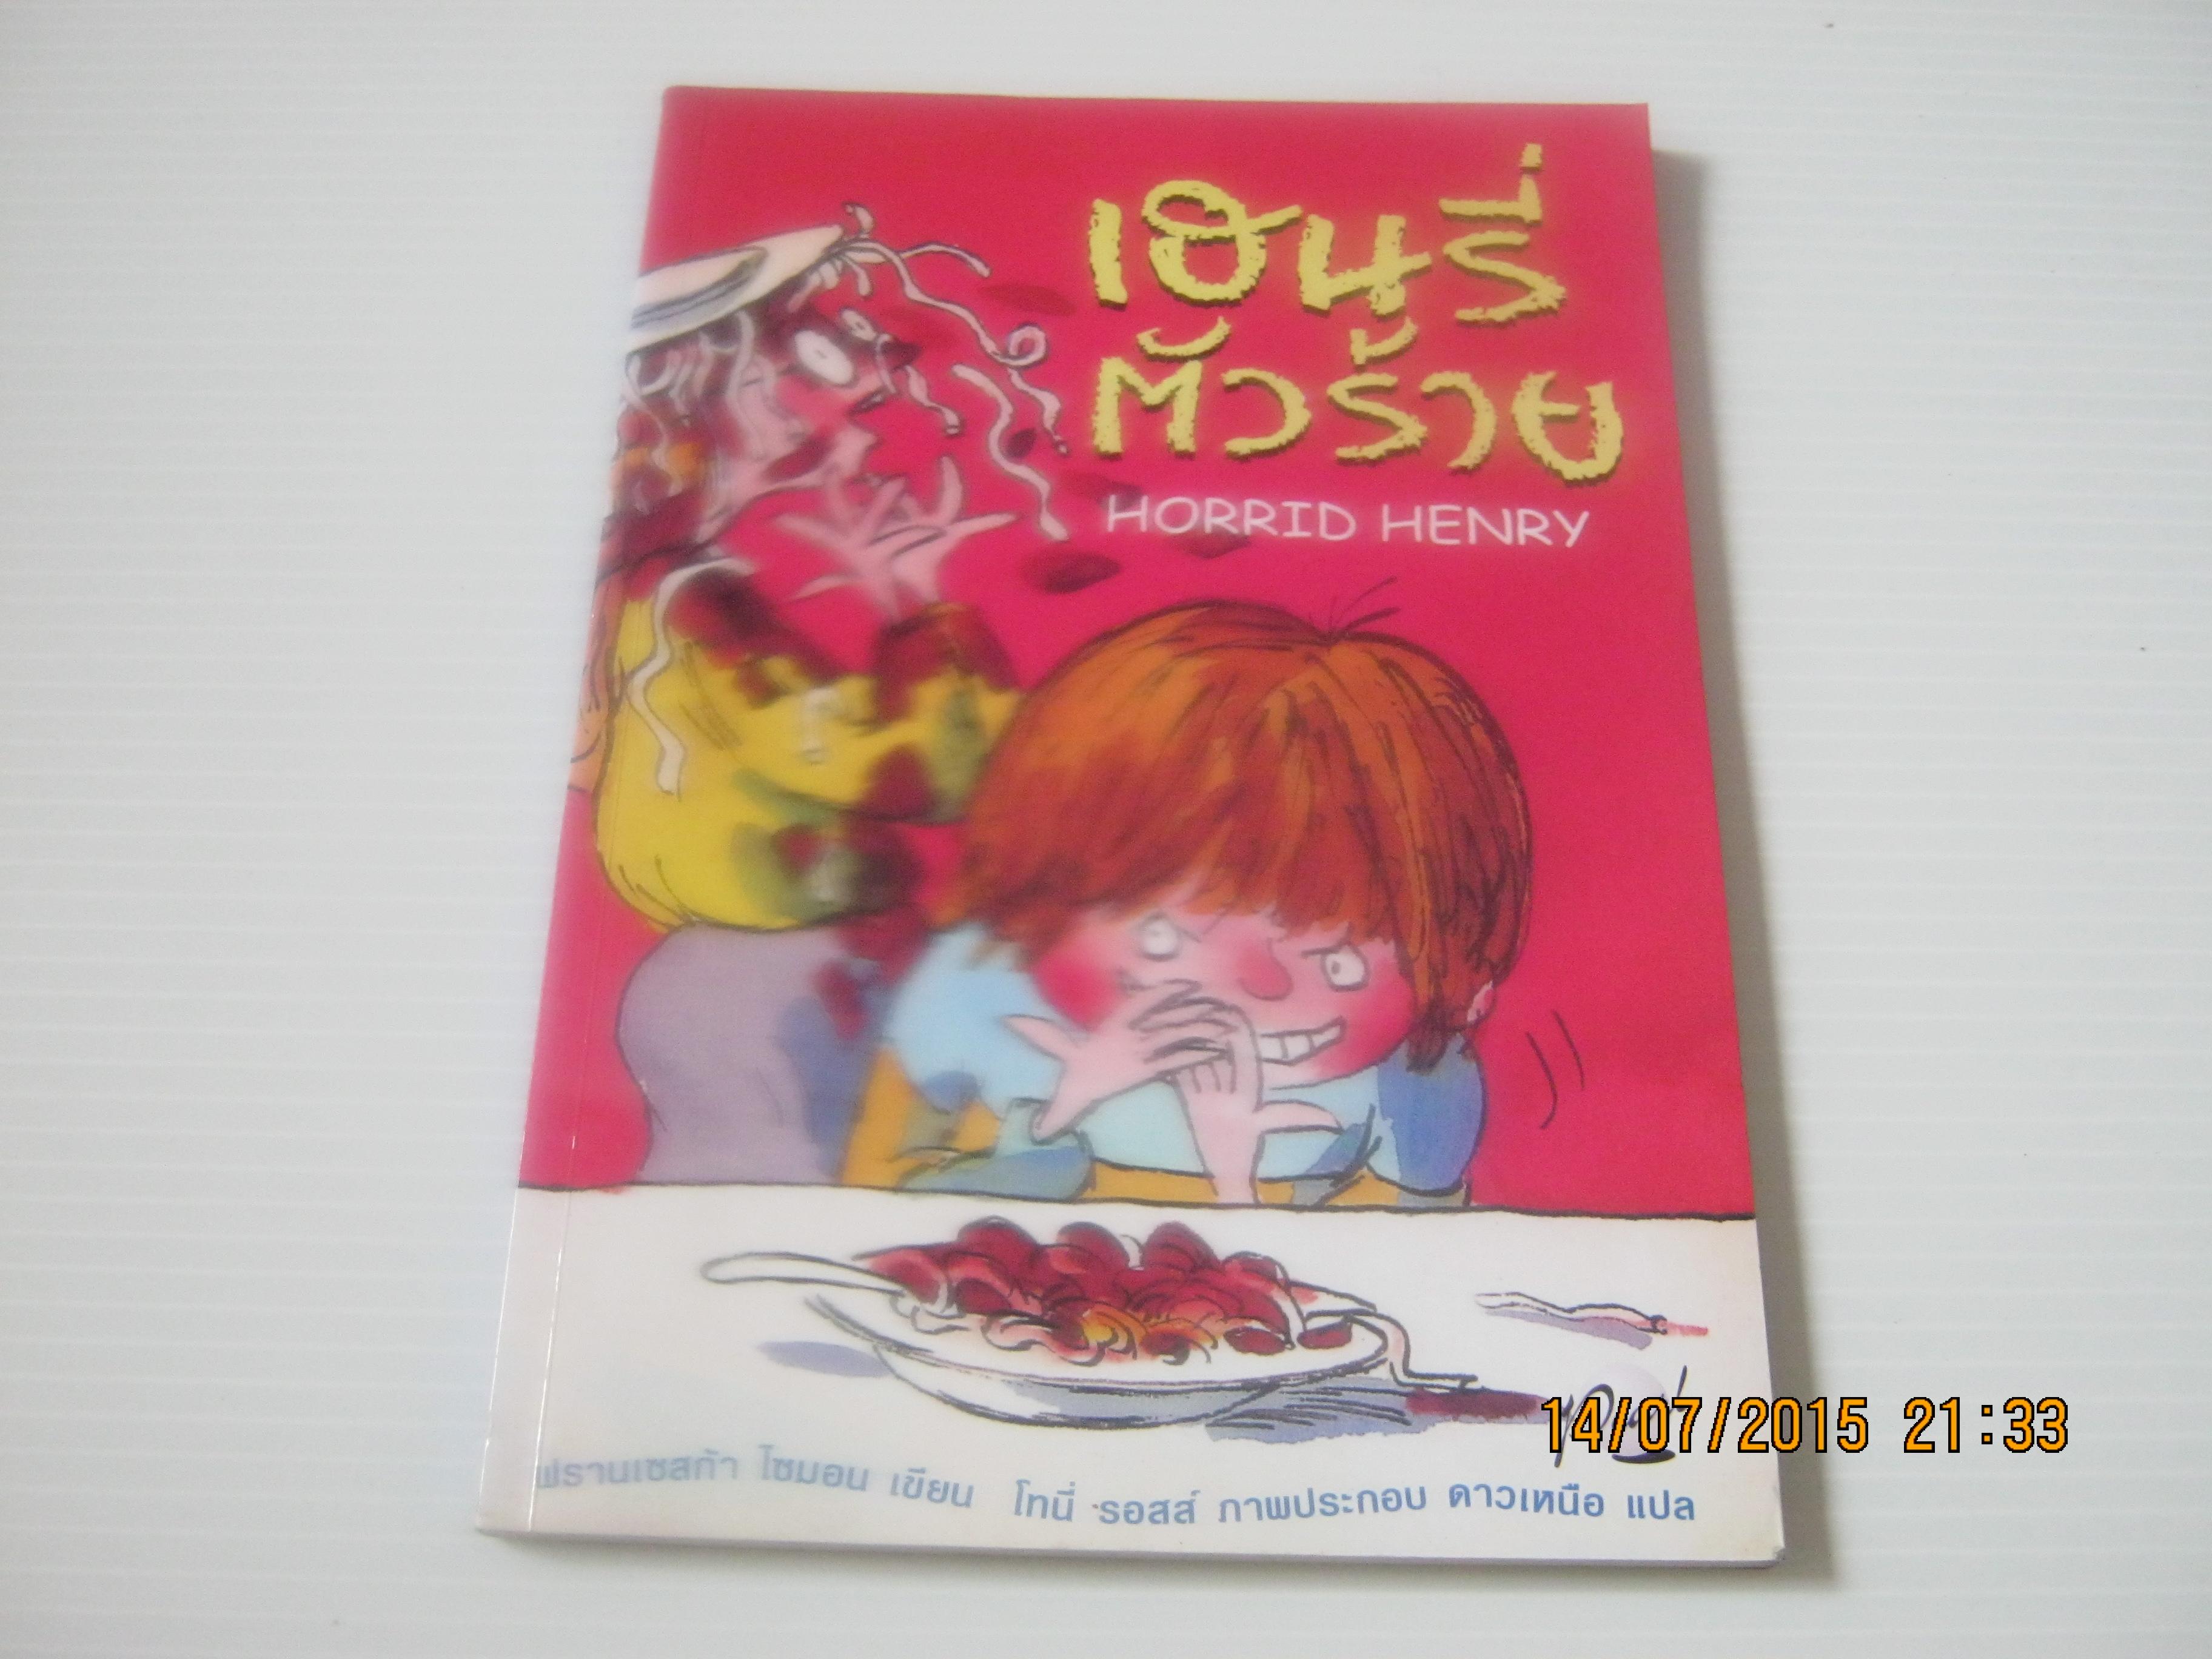 เฮนรี่ตัวร้าย (Horrid Henry) ฟรานเซสก้า ไซมอน เขียน โทนี่ รอสส์ ภาพประกอบ ดาวเหนือ แปล